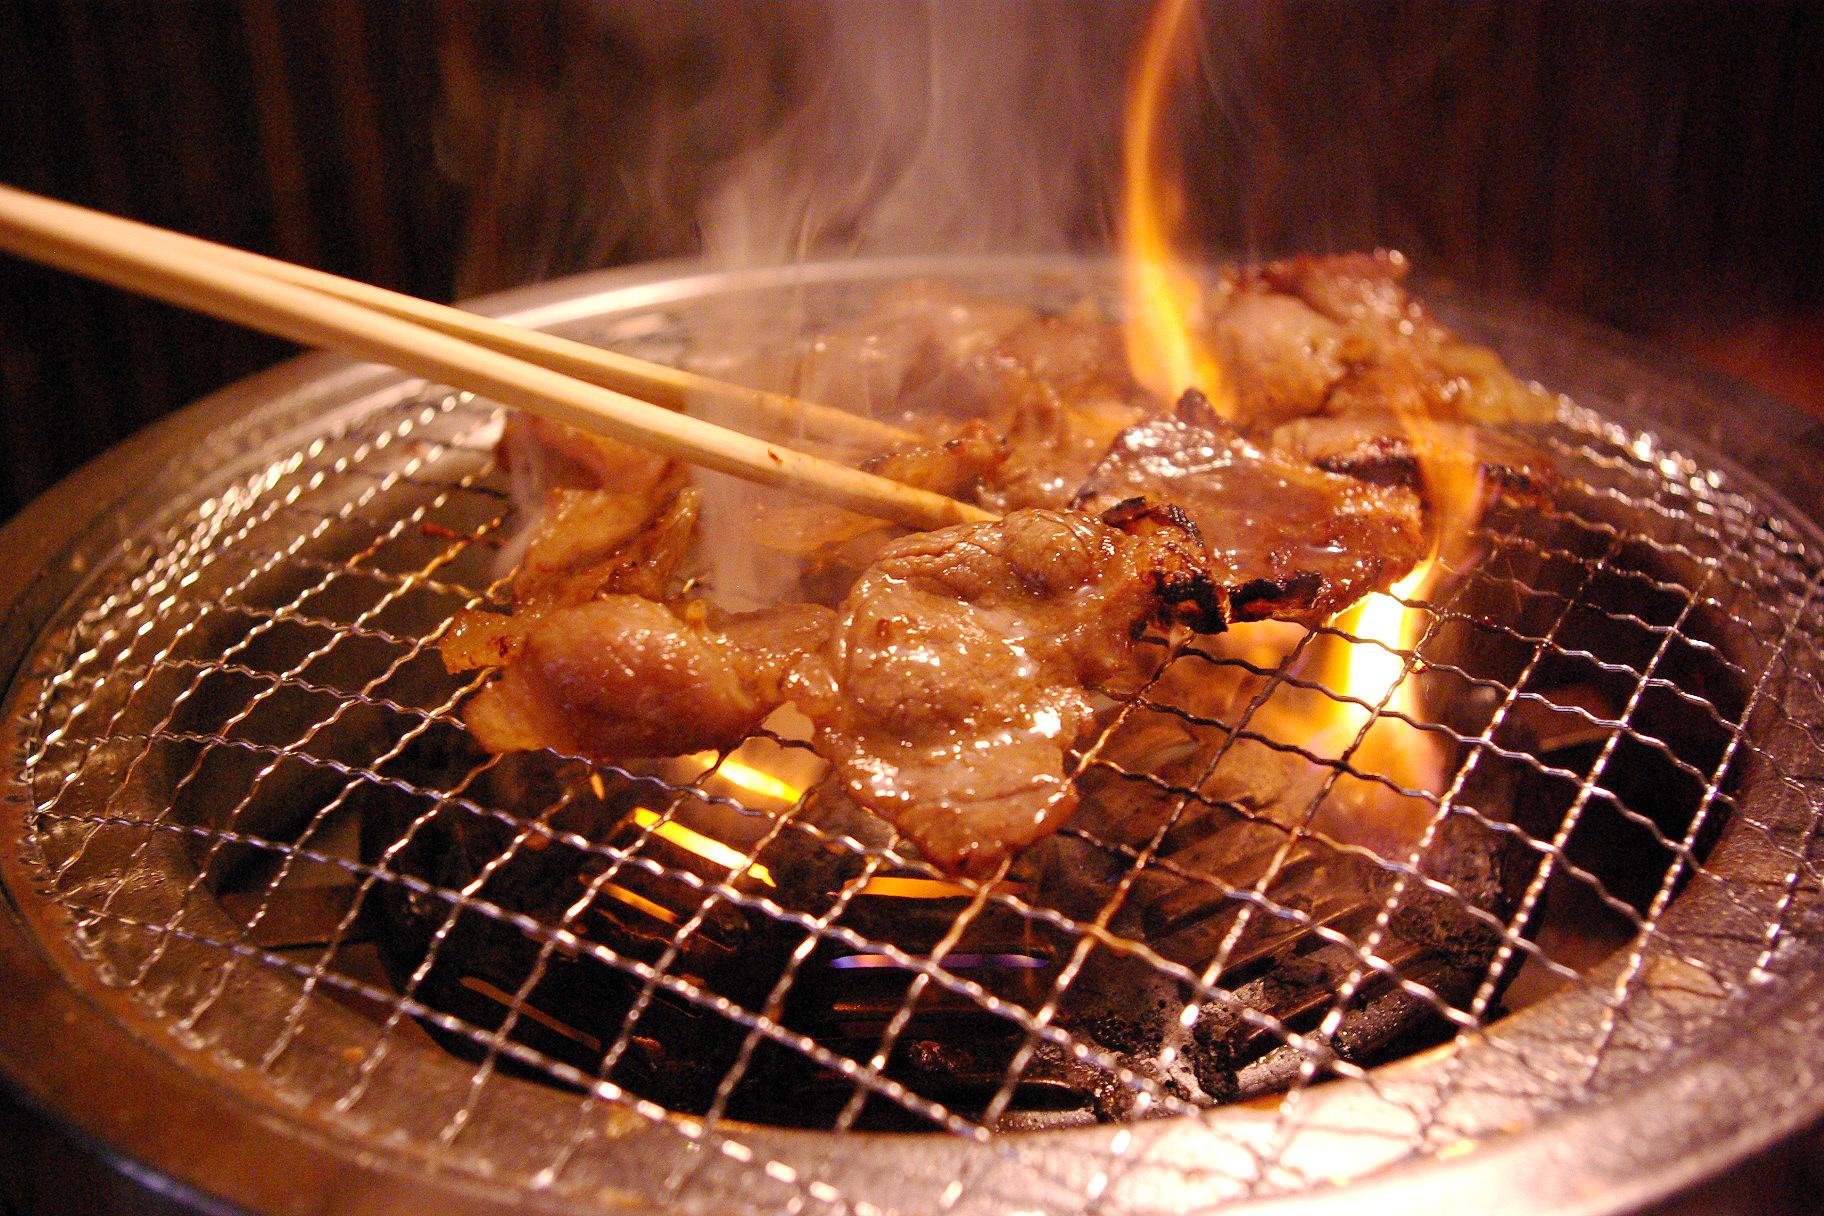 焼肉・ホルモン焼き・コレステロール・炭火焼き